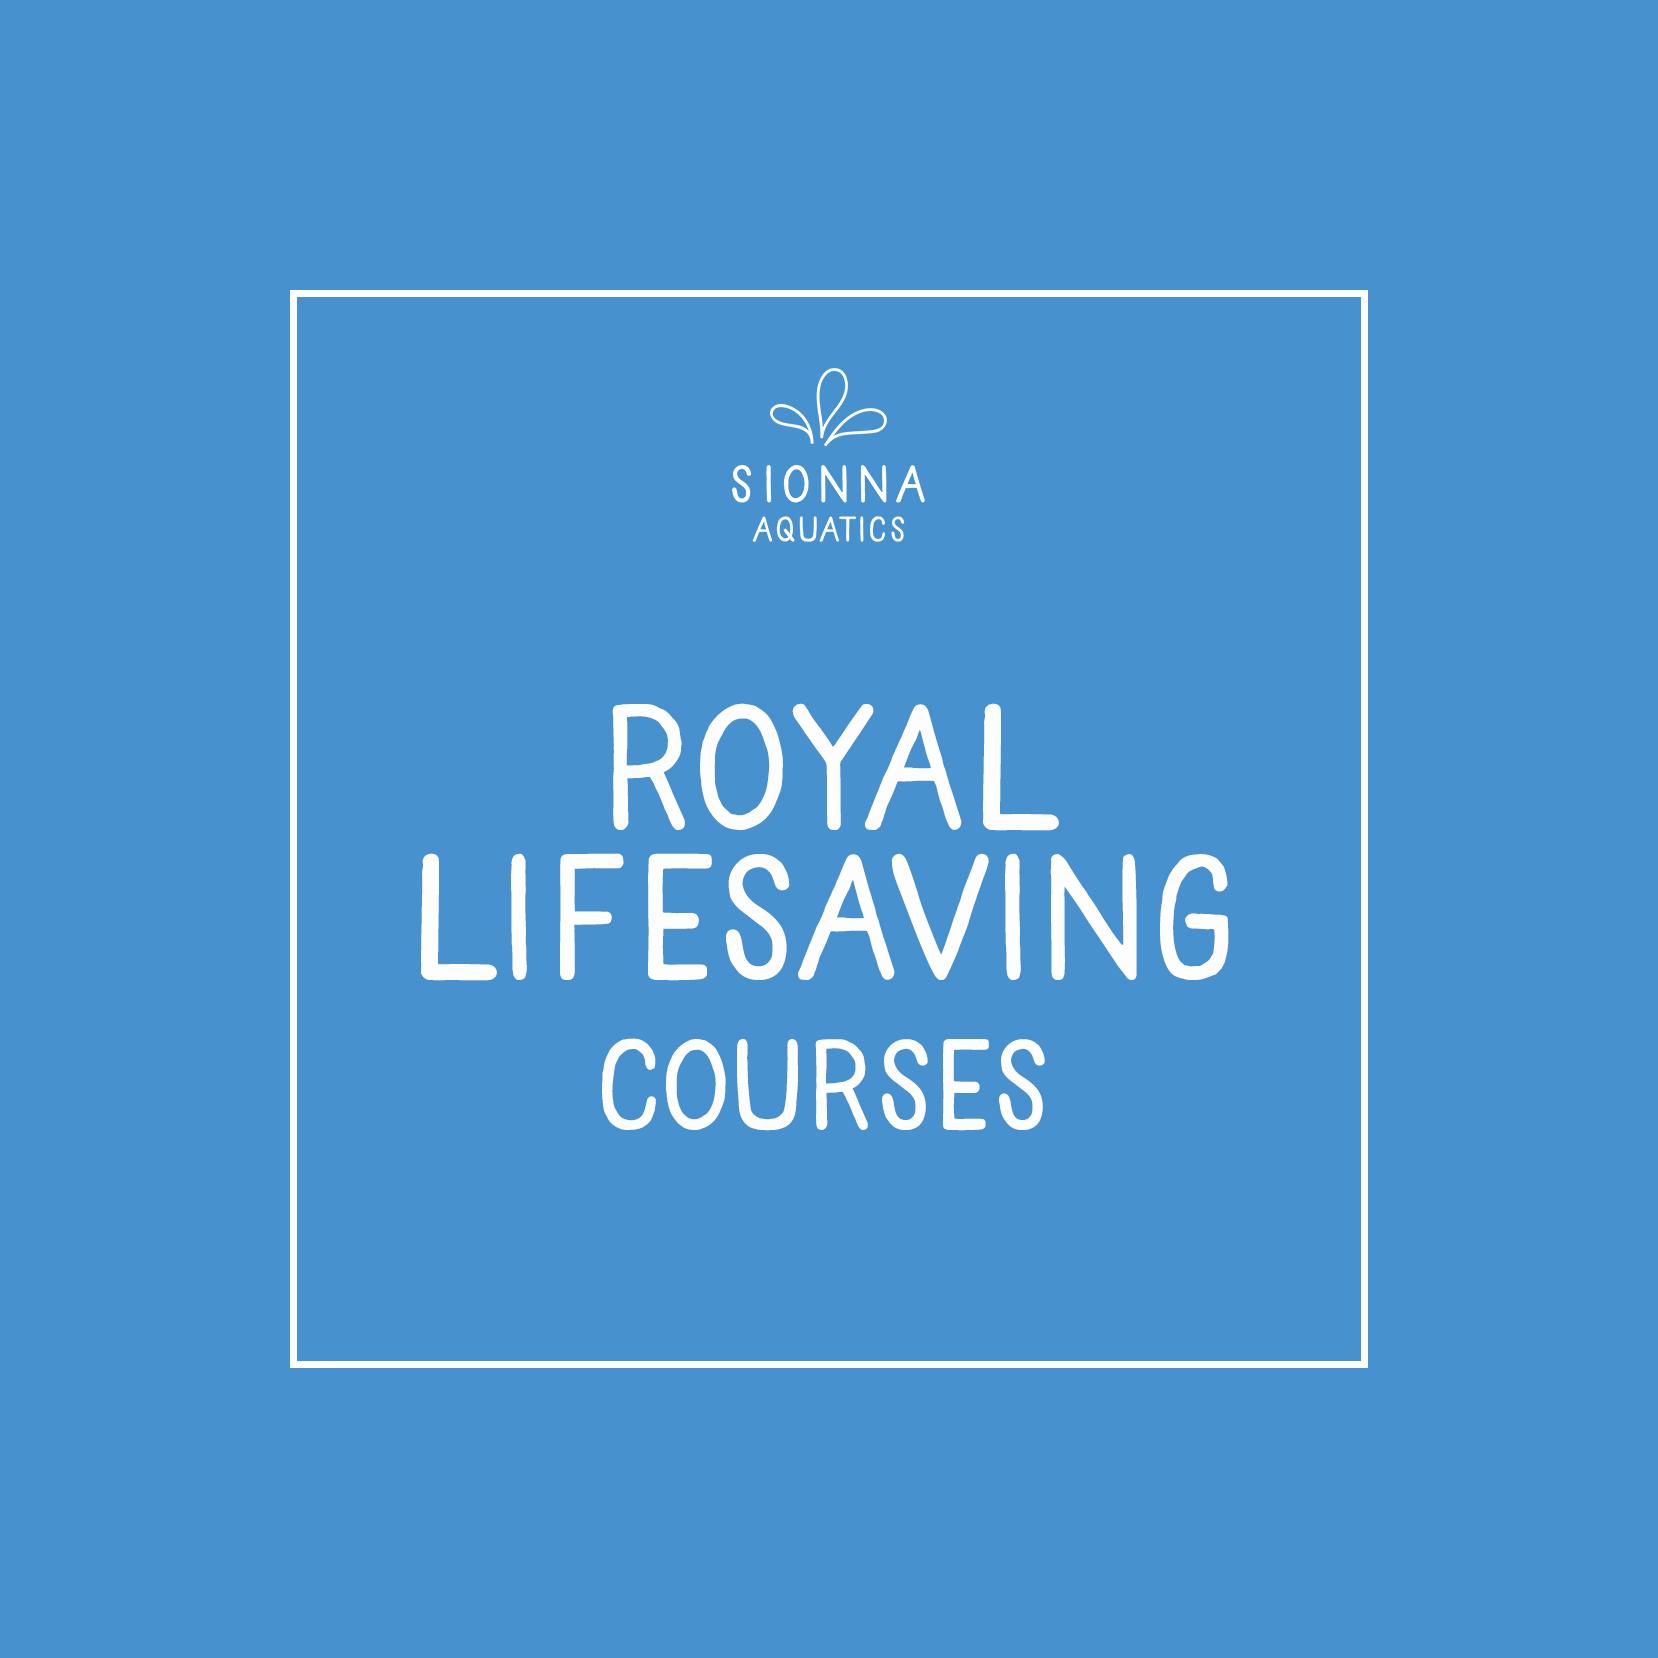 Aquatics_RLSSQ_courses.jpg